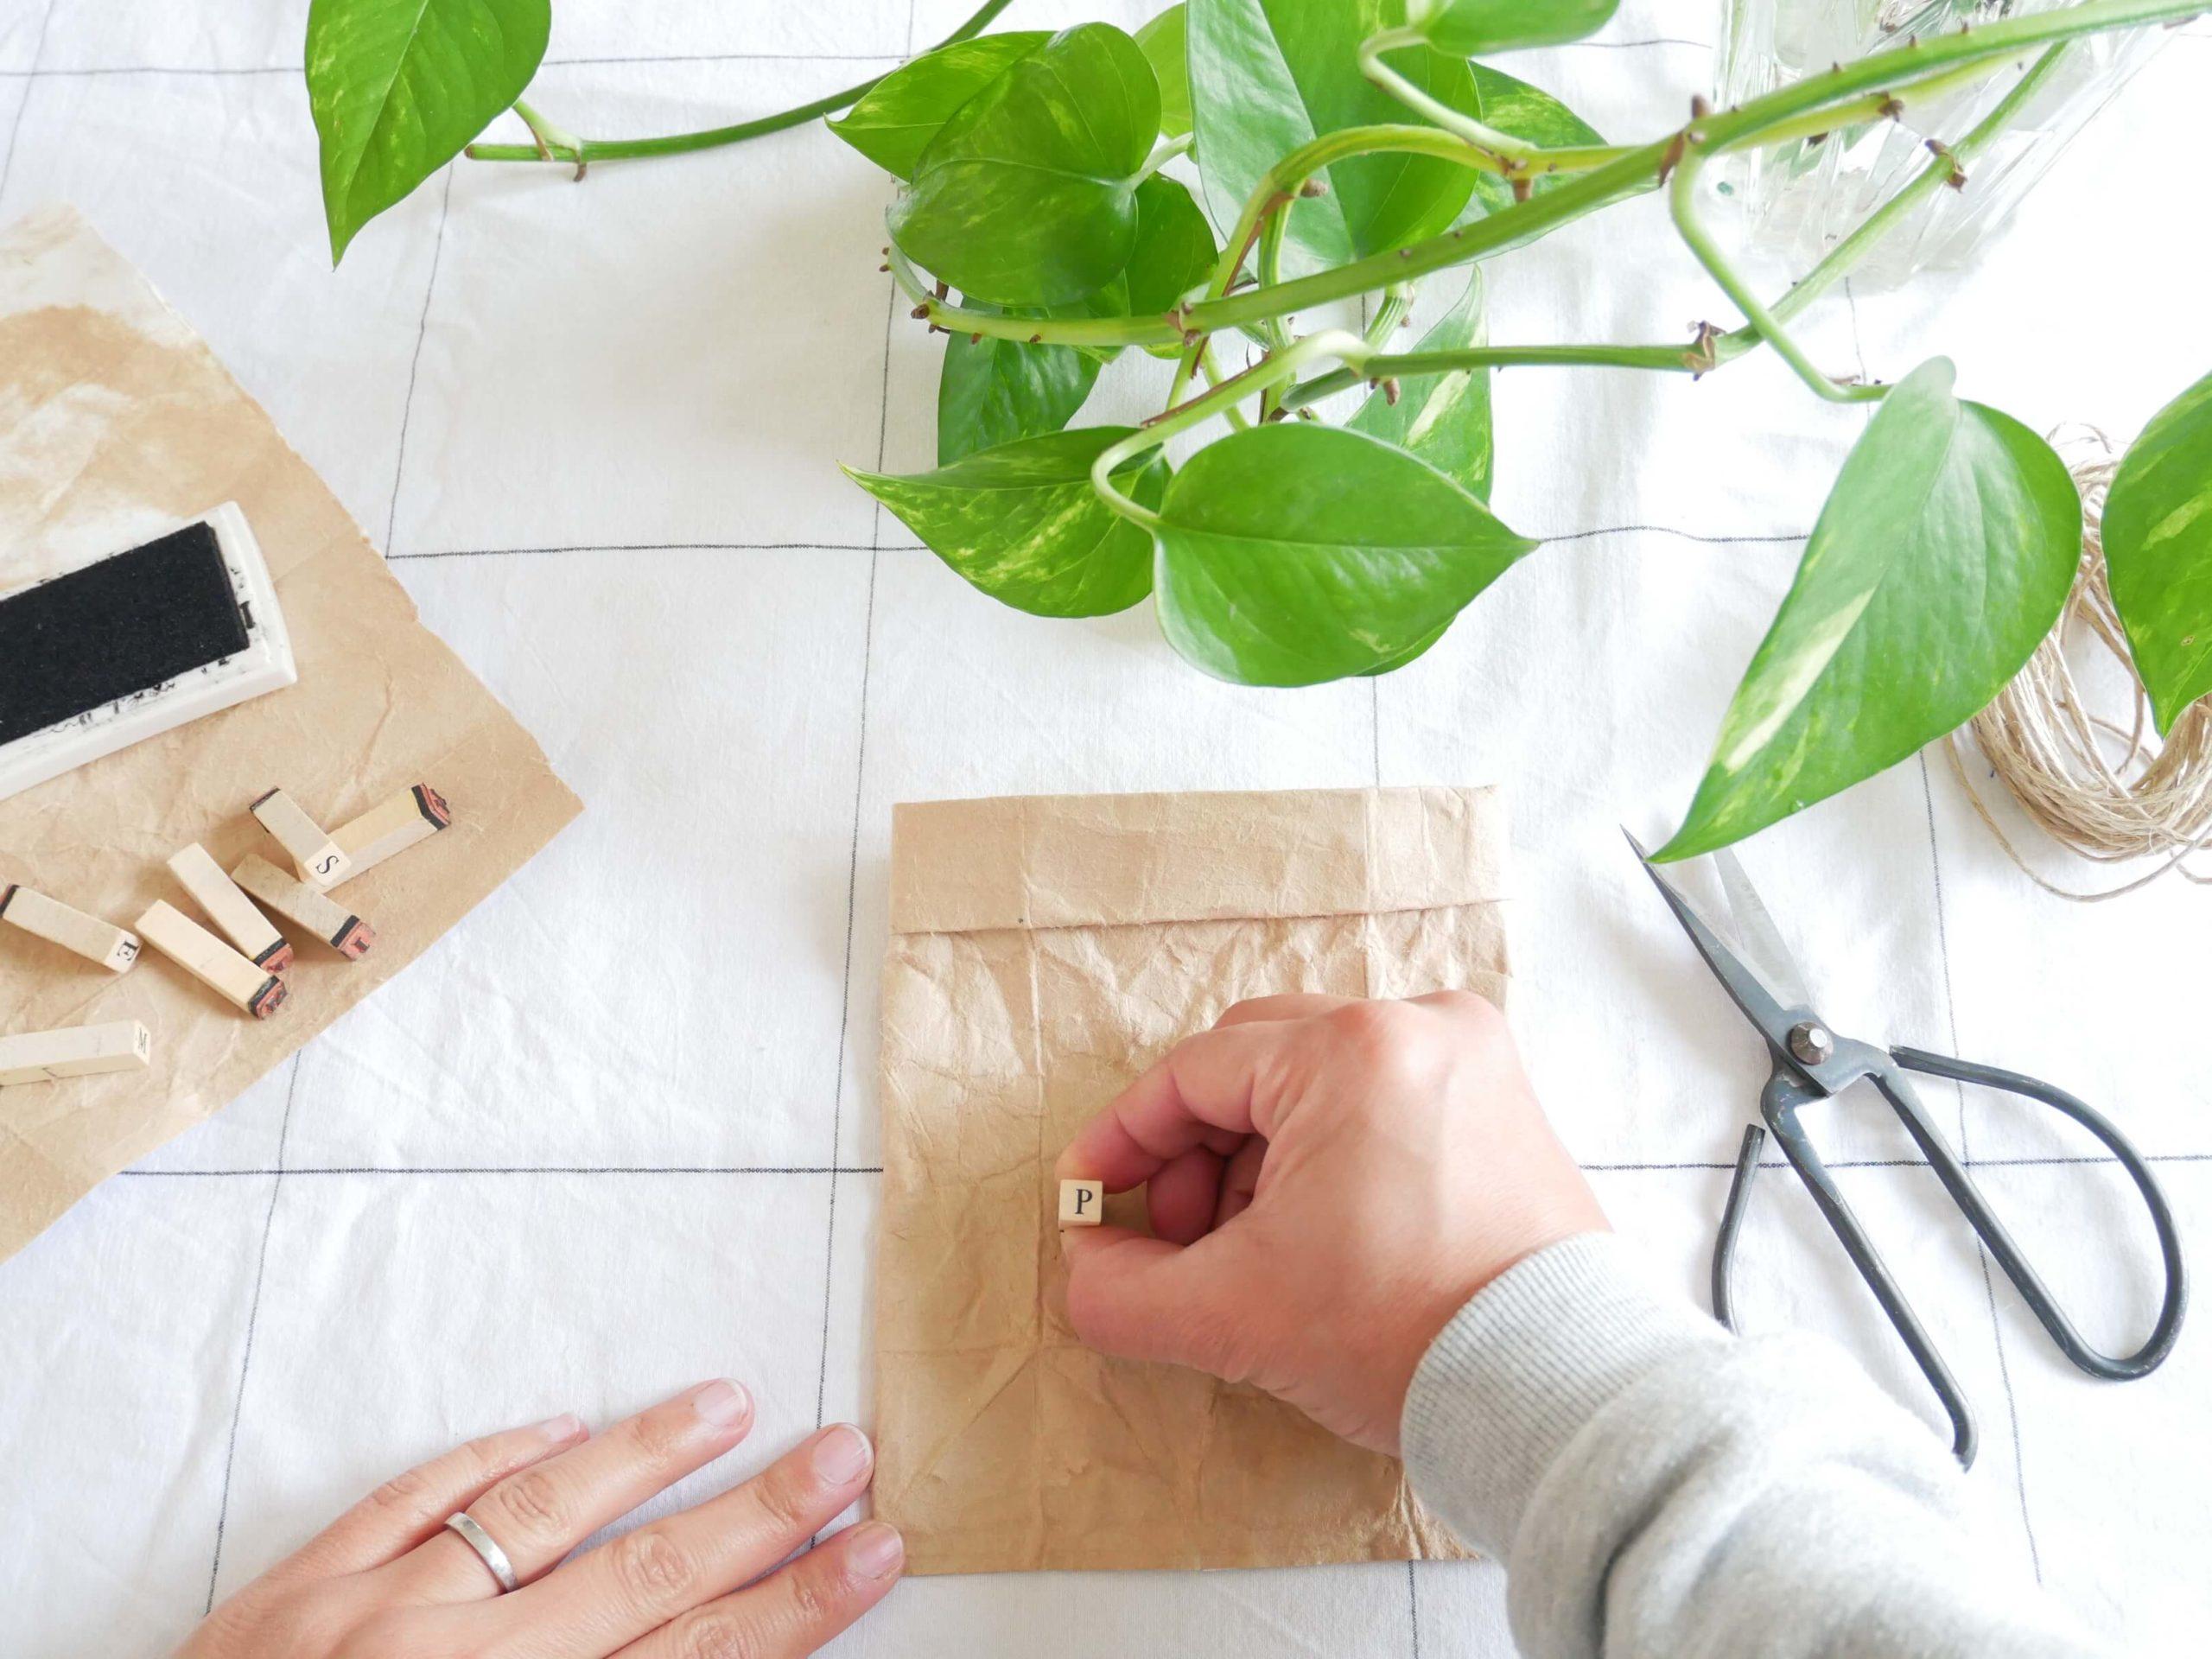 tutoriel-recyclage-vase-tampon1-lesateliersdangelique-auboulotcocotte